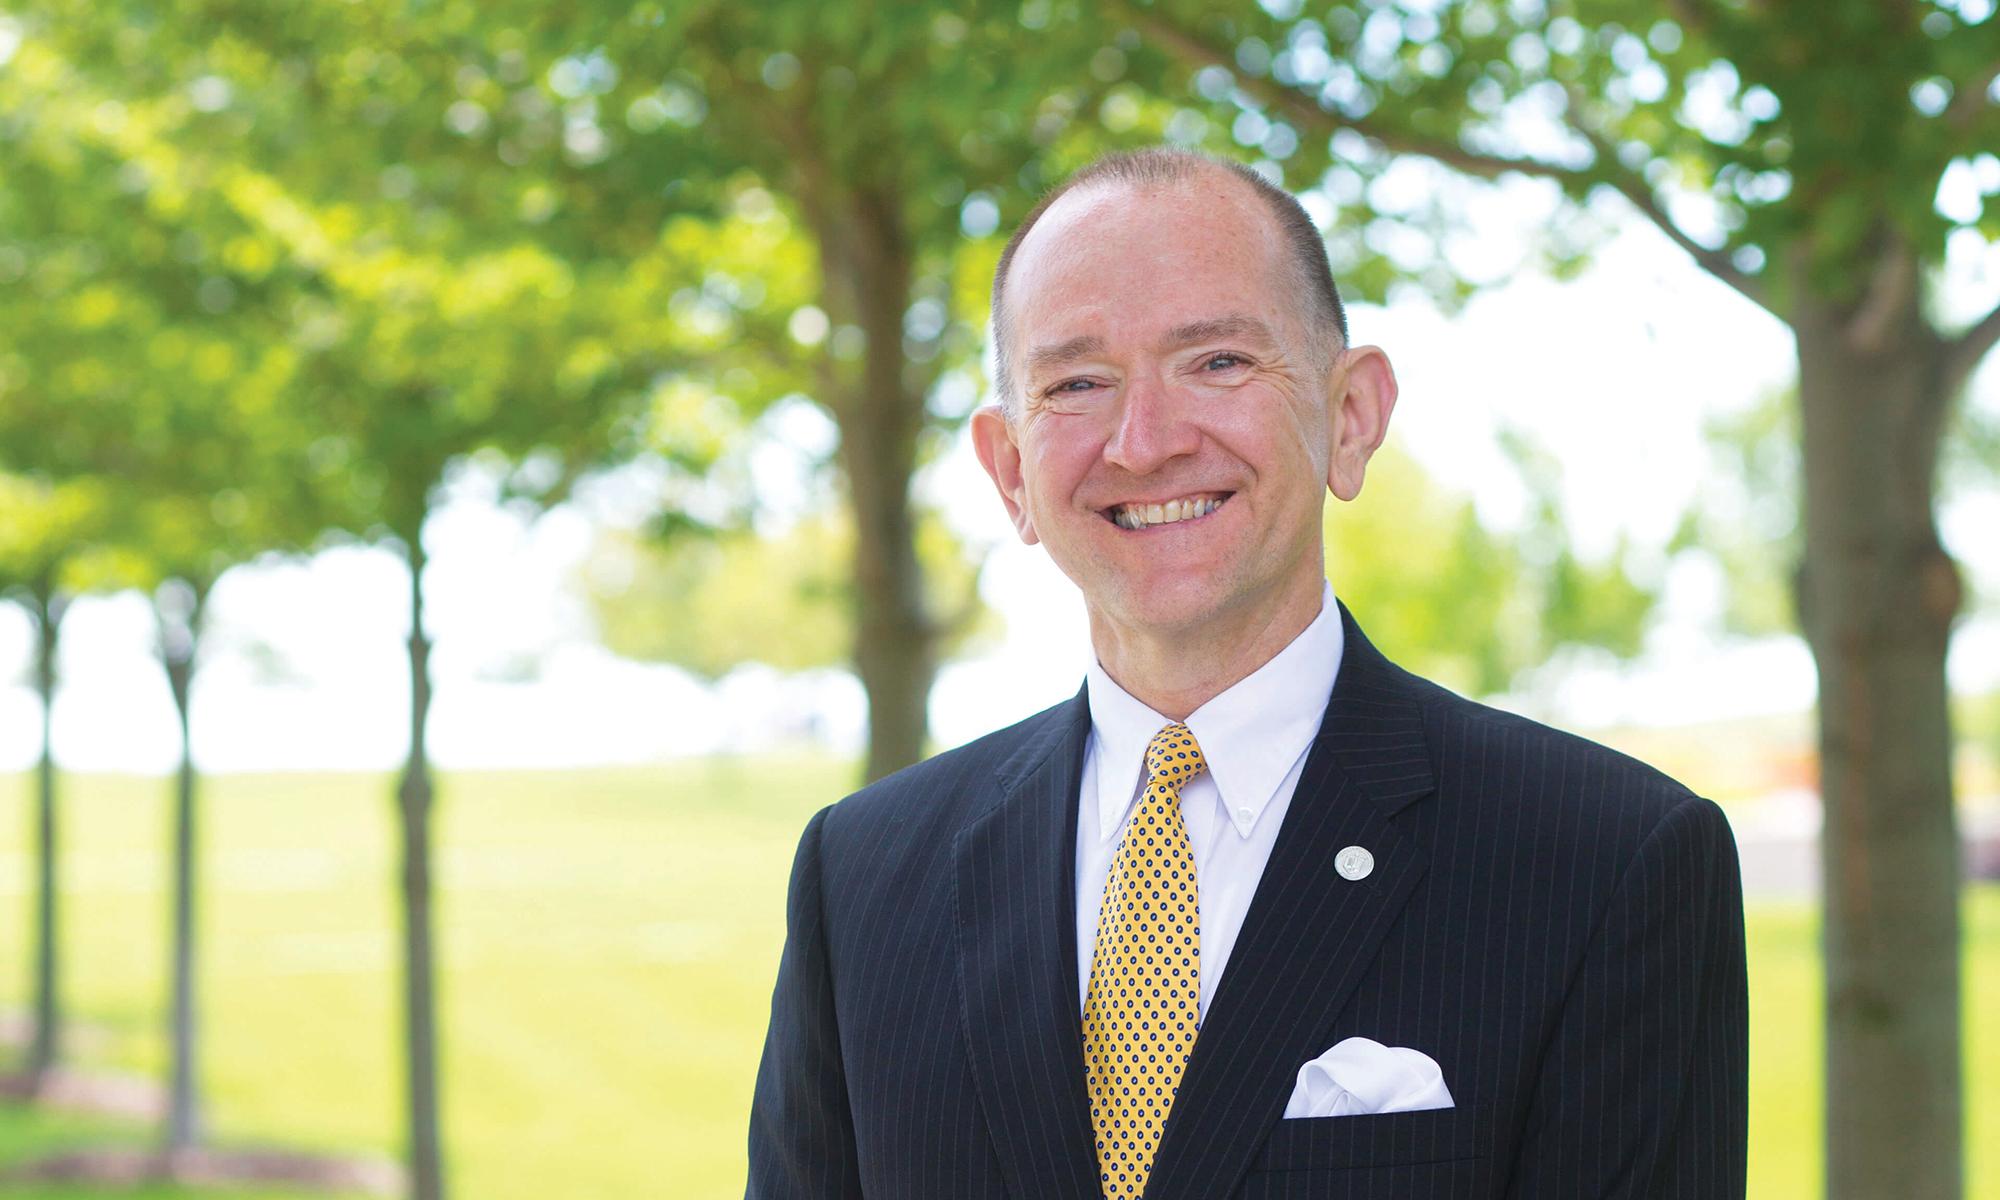 Rev. Dr. Roy Peterson